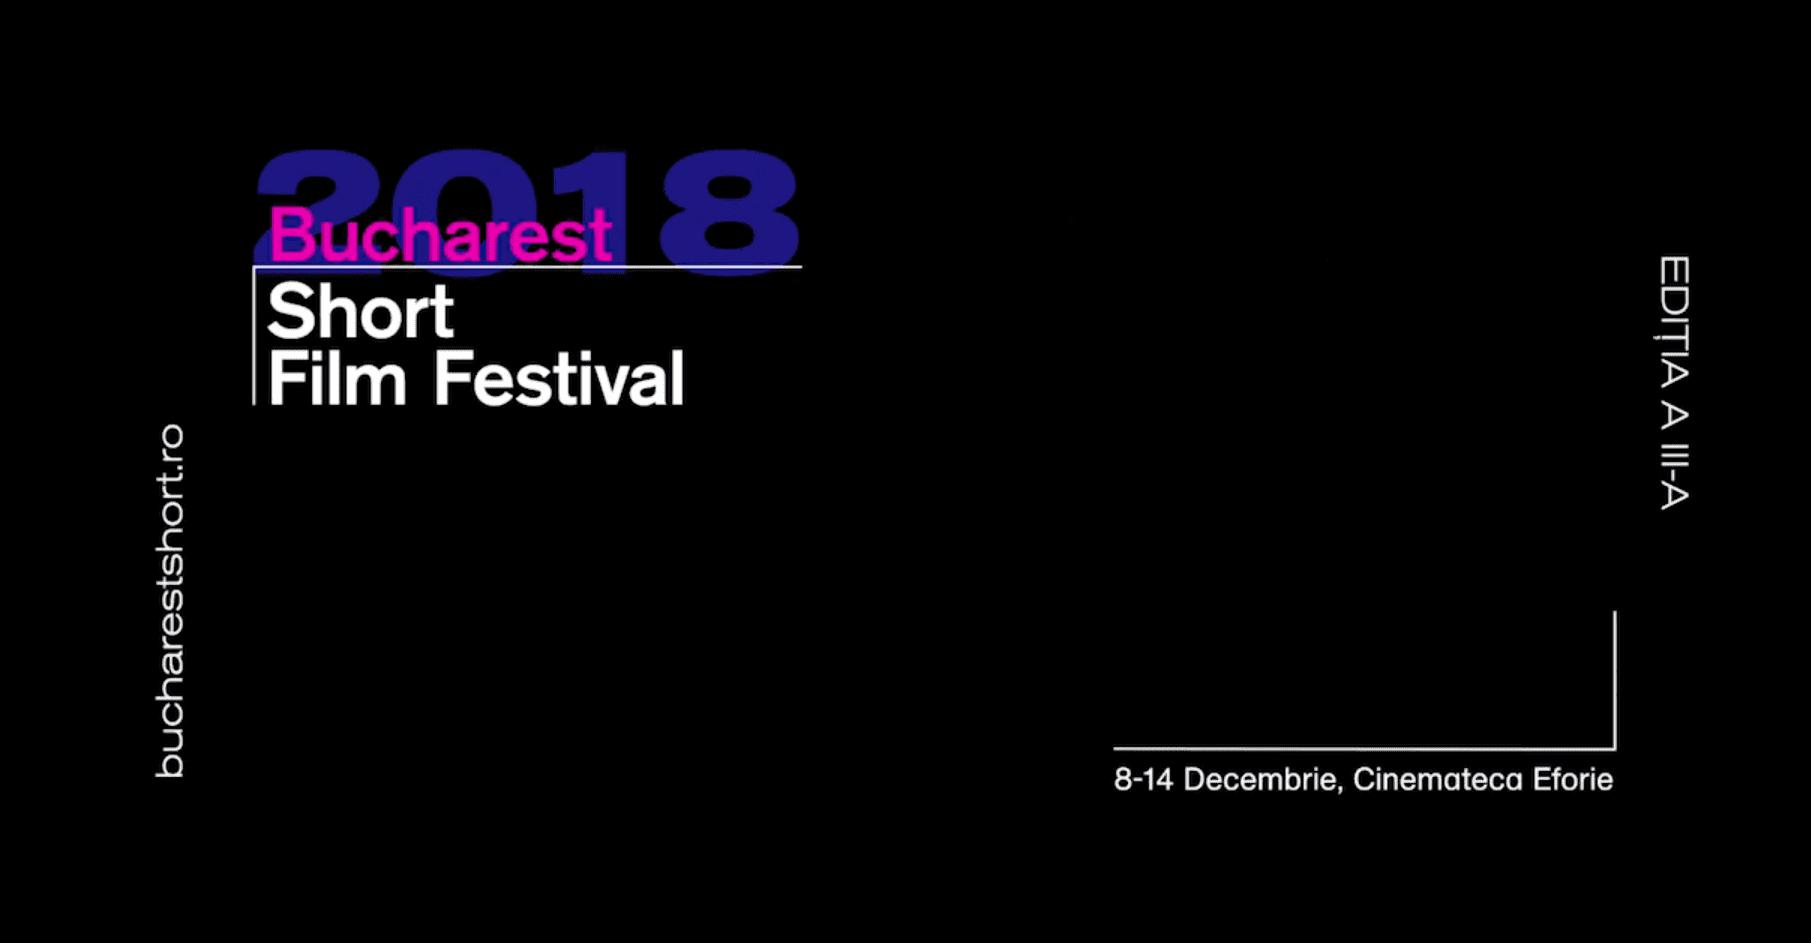 Bucharest Short Film Festival 2018